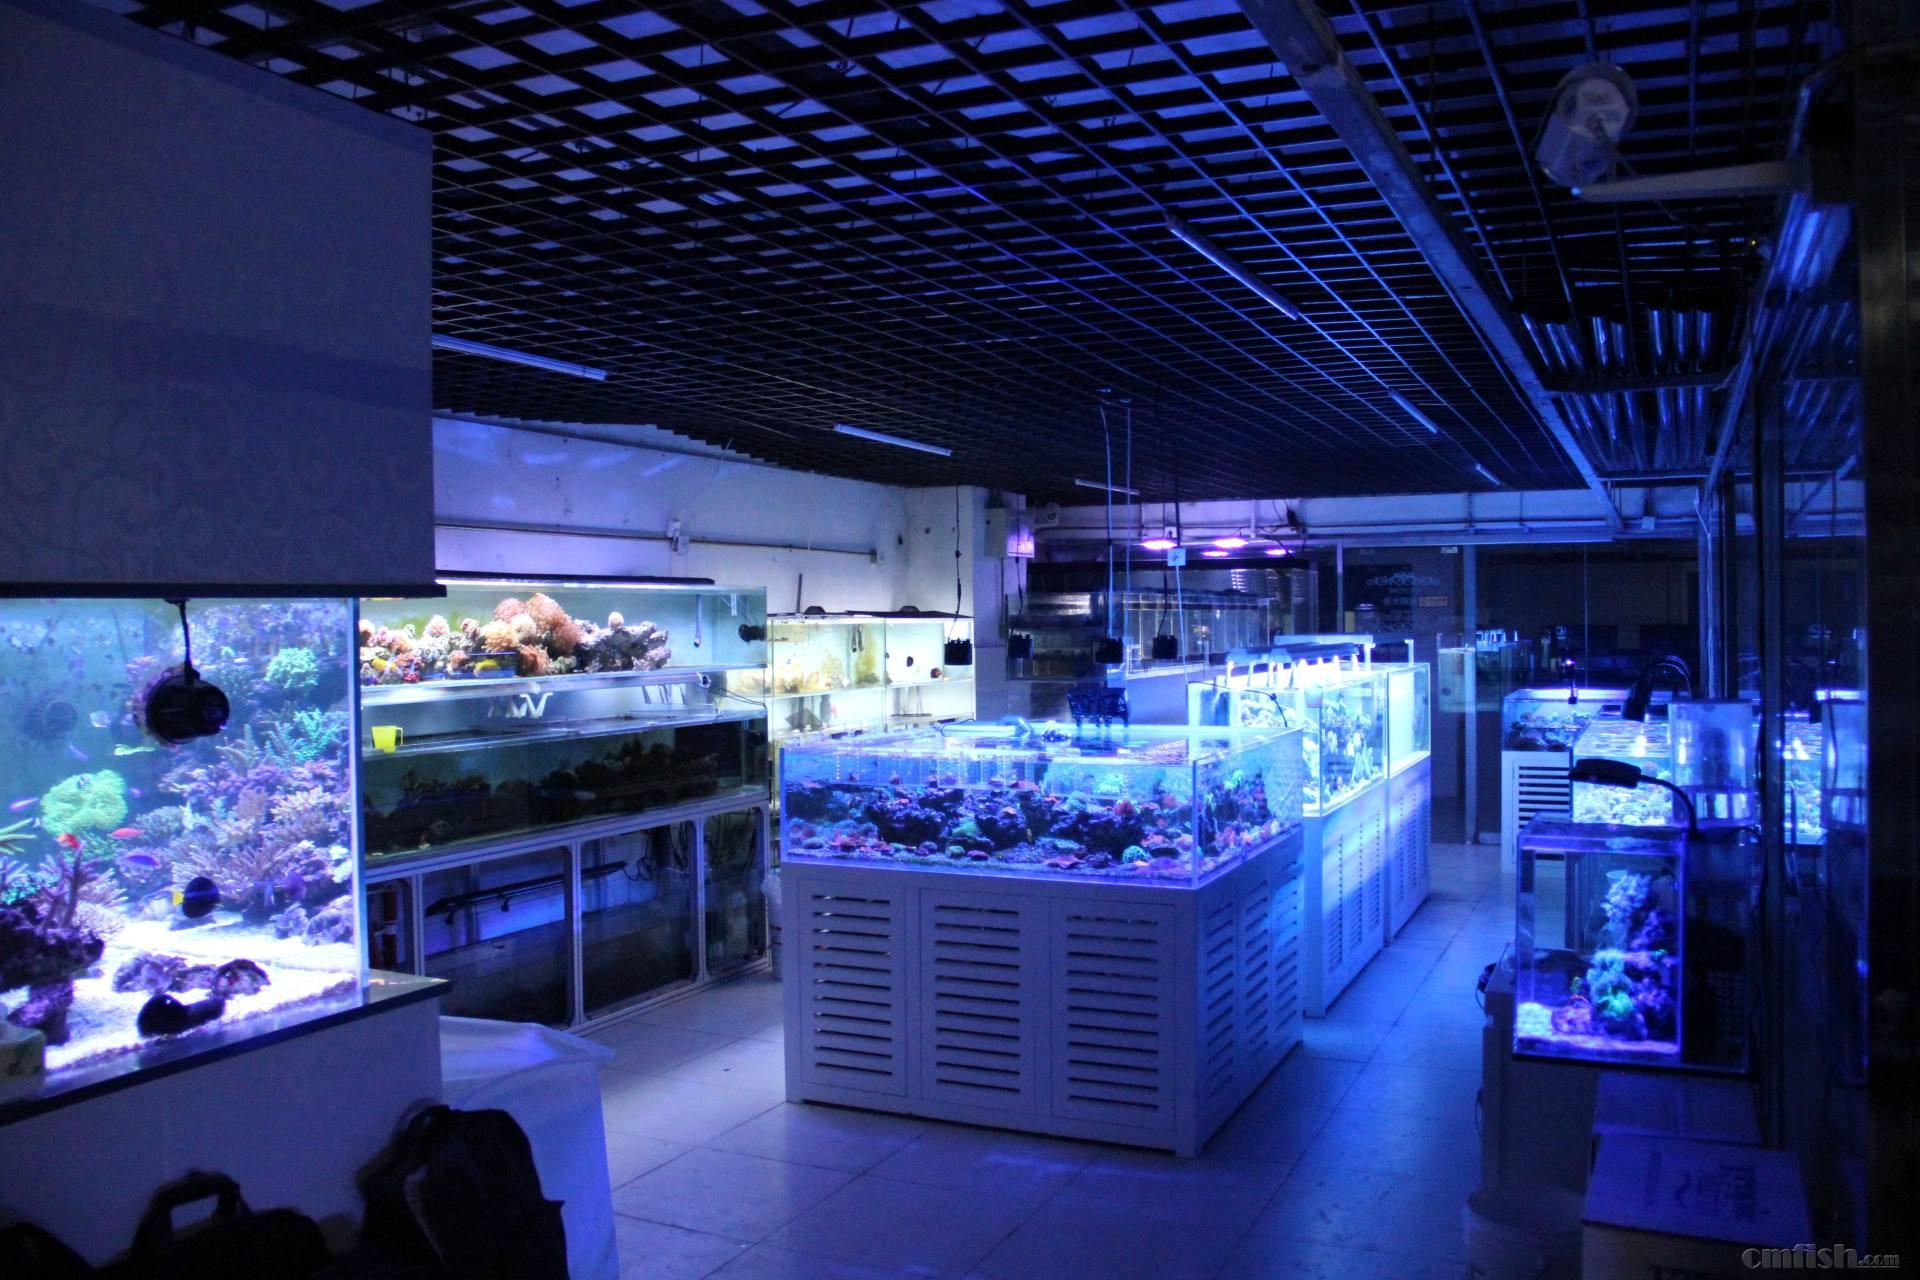 北京斑马鸭嘴批发市场悠然居以鱼会友我的小缸我的鱼 北京龙鱼论坛